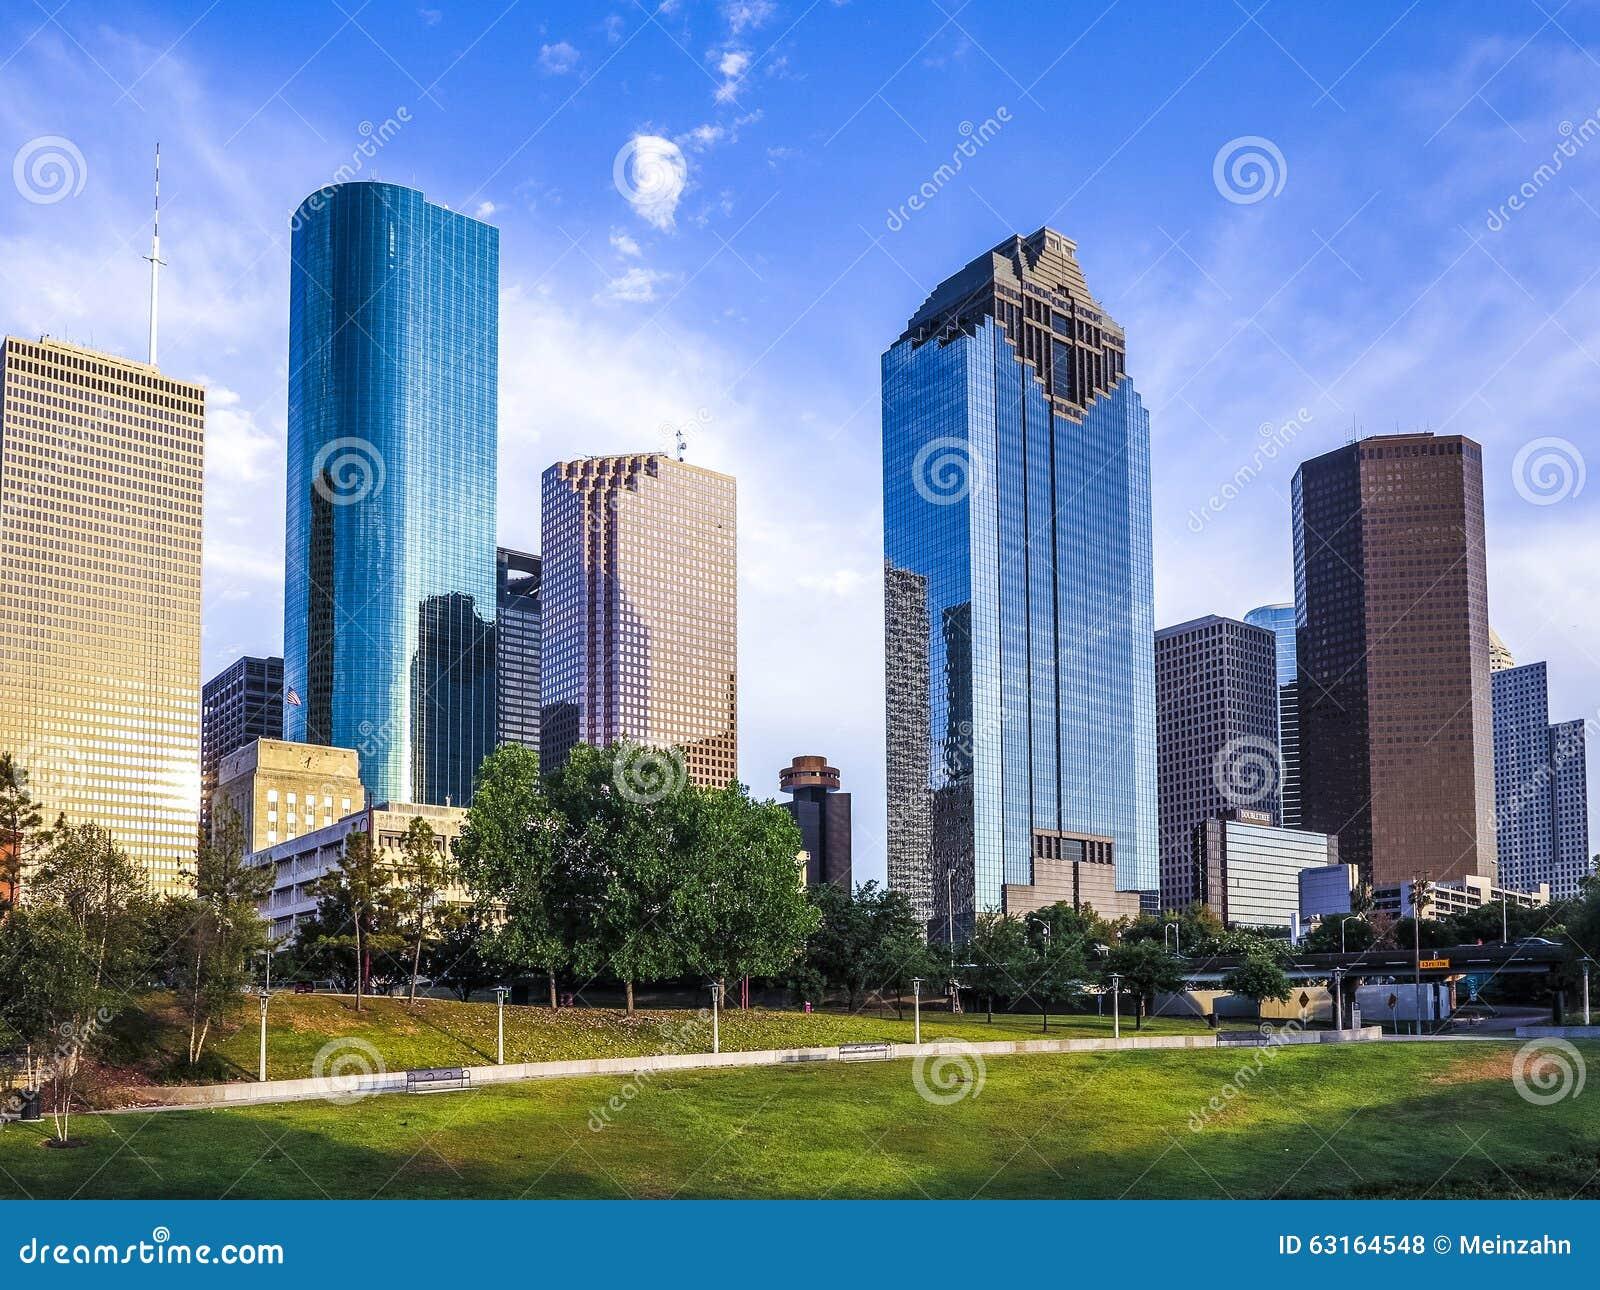 Used cars in Dallas